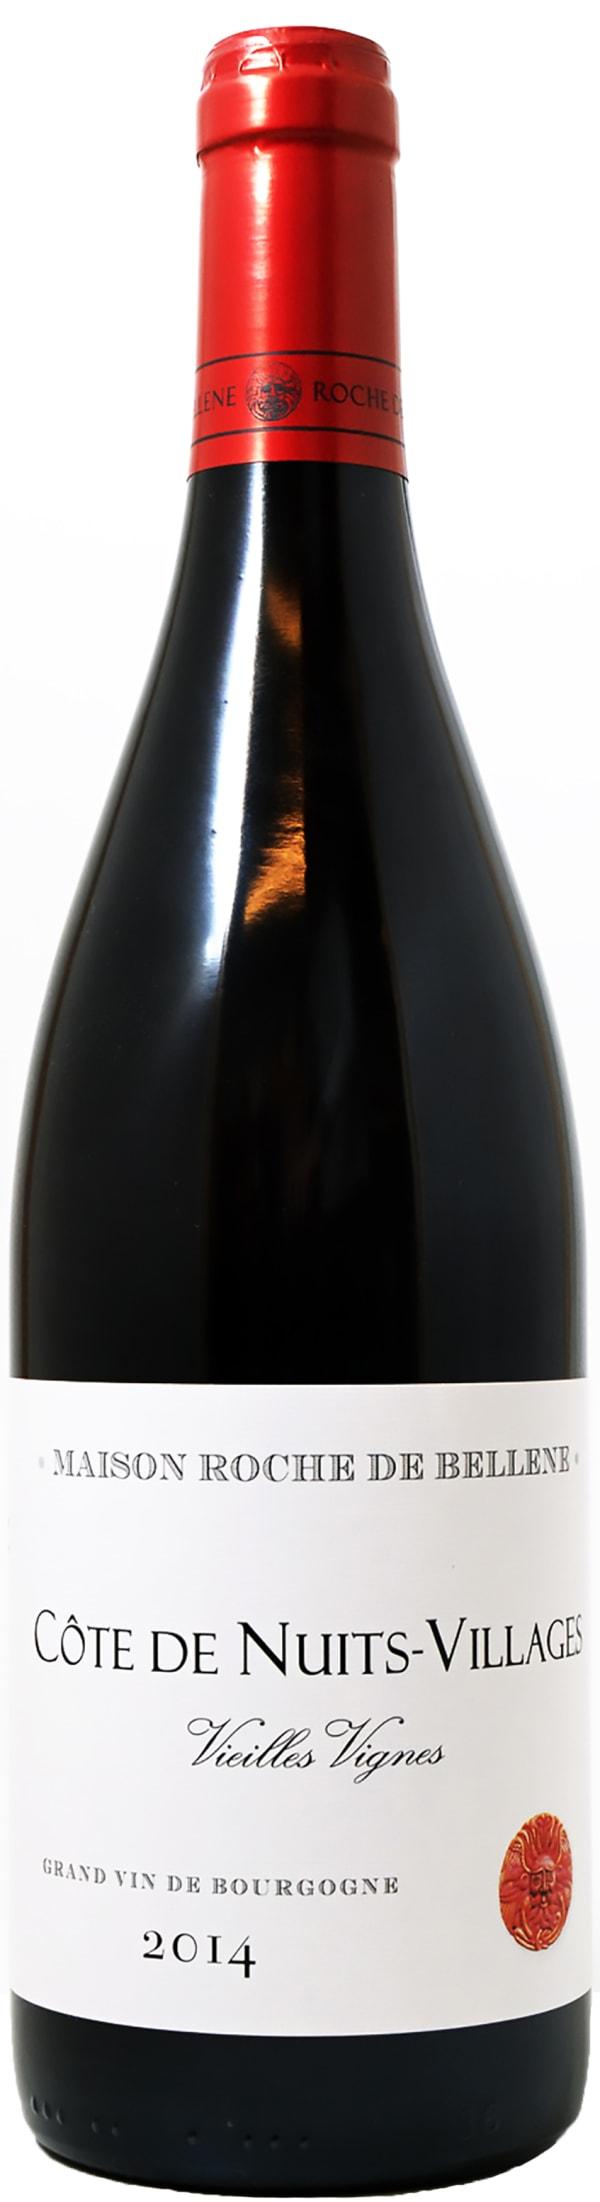 Maison Roche Vieilles Vignes 2014